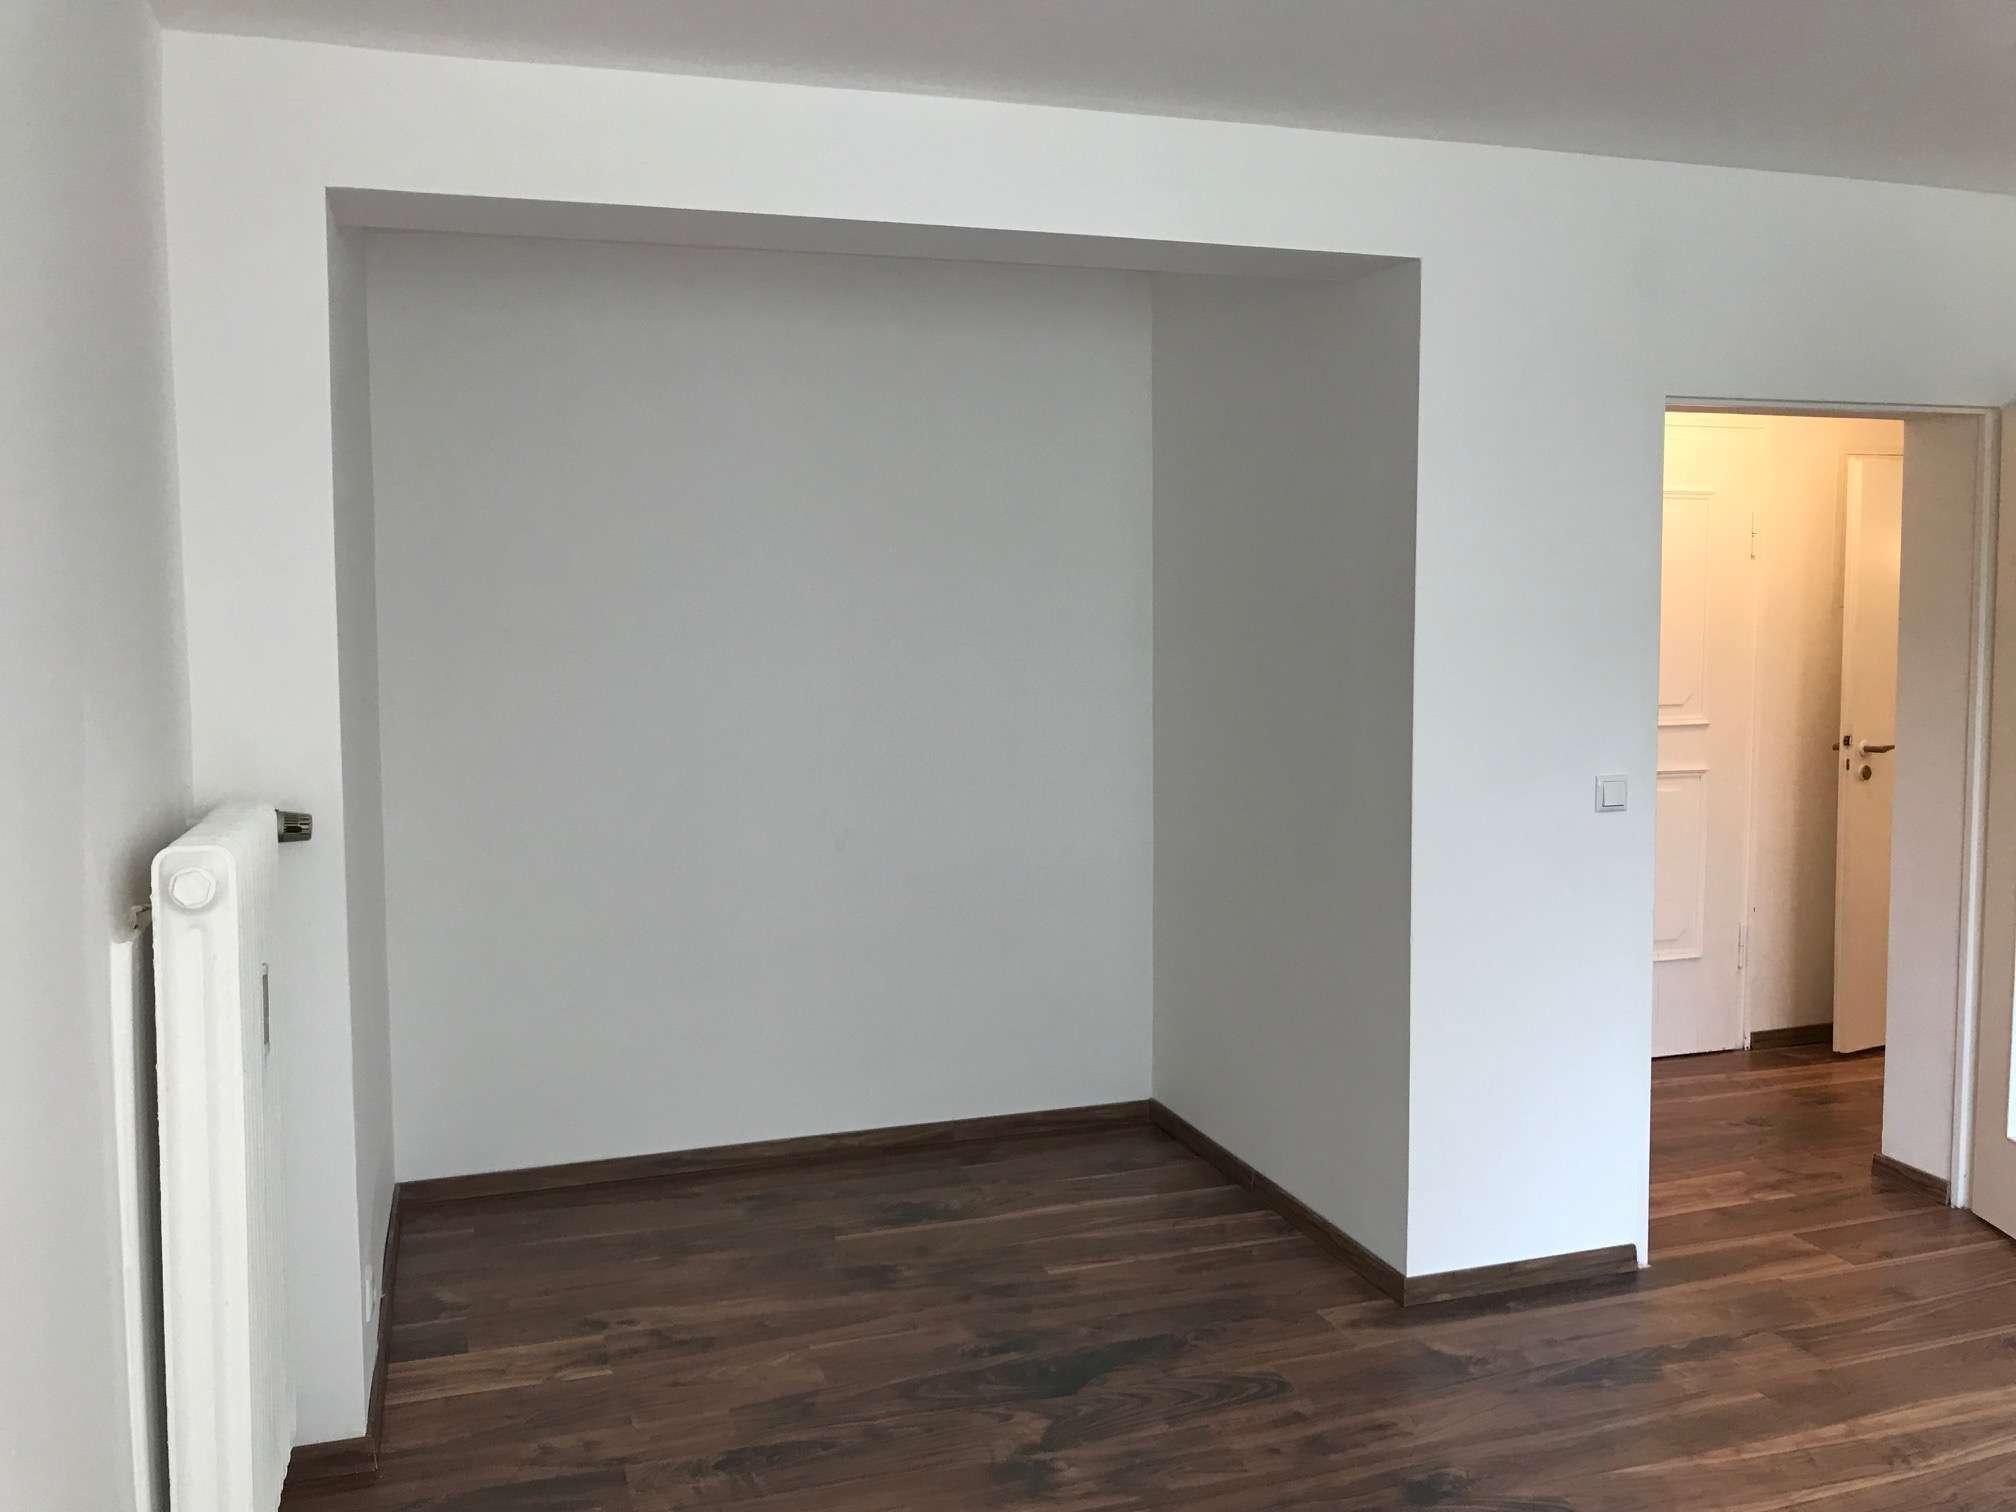 """1-Zimmer-Wohnung in Nürnberg (""""Studentenwohnung"""") in Uhlandstraße (Nürnberg)"""